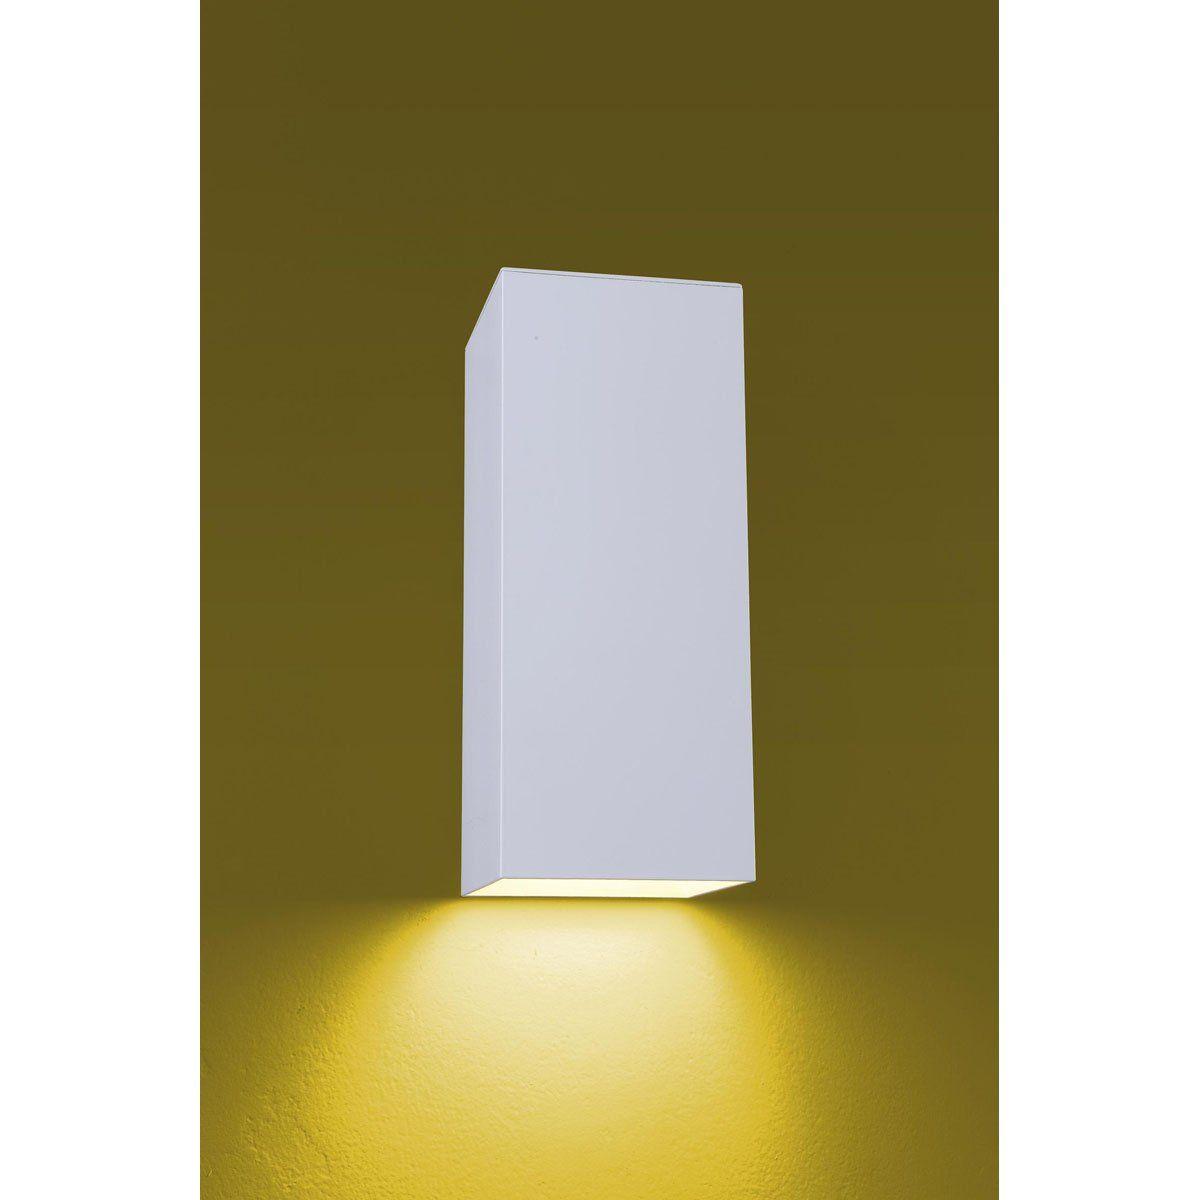 Arandela Flash tubo quadrada lisa 01 E27 Tampa Alumínio - Branco